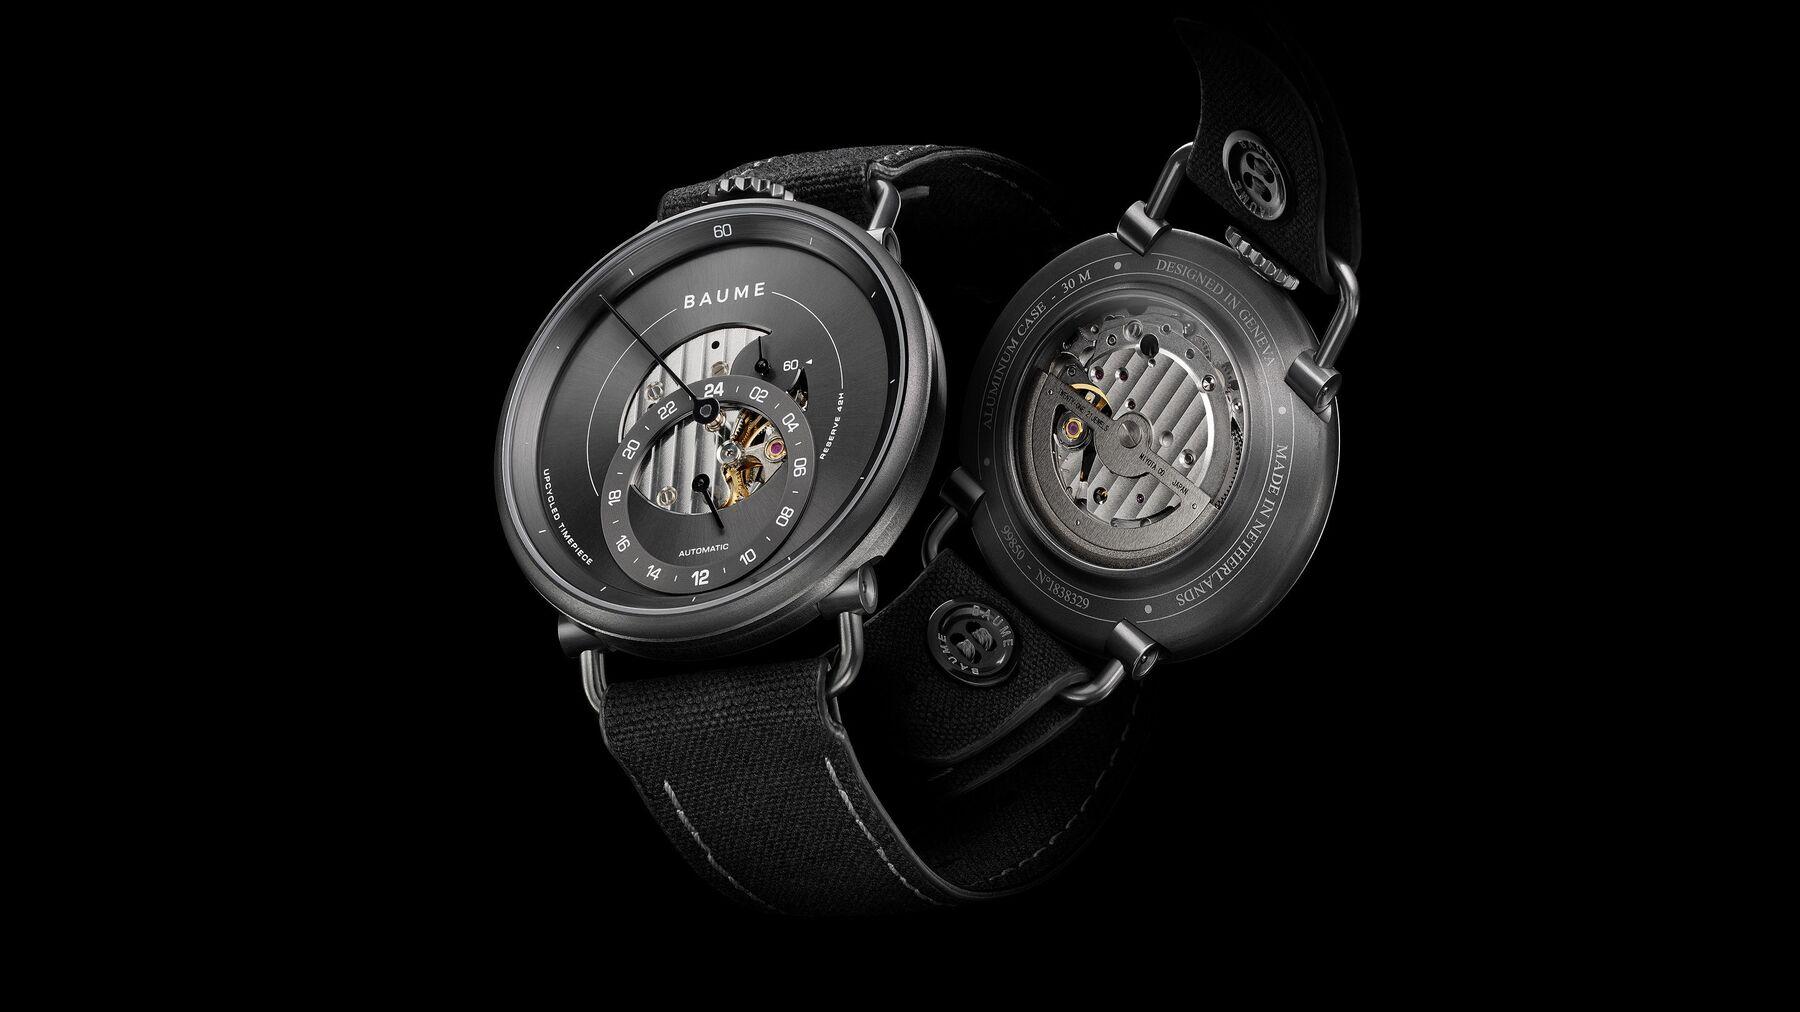 liên quan đến Chiến lược mới của Richemont dành cho đồng hồ xa xỉ: Không có vật liệu xa xỉ